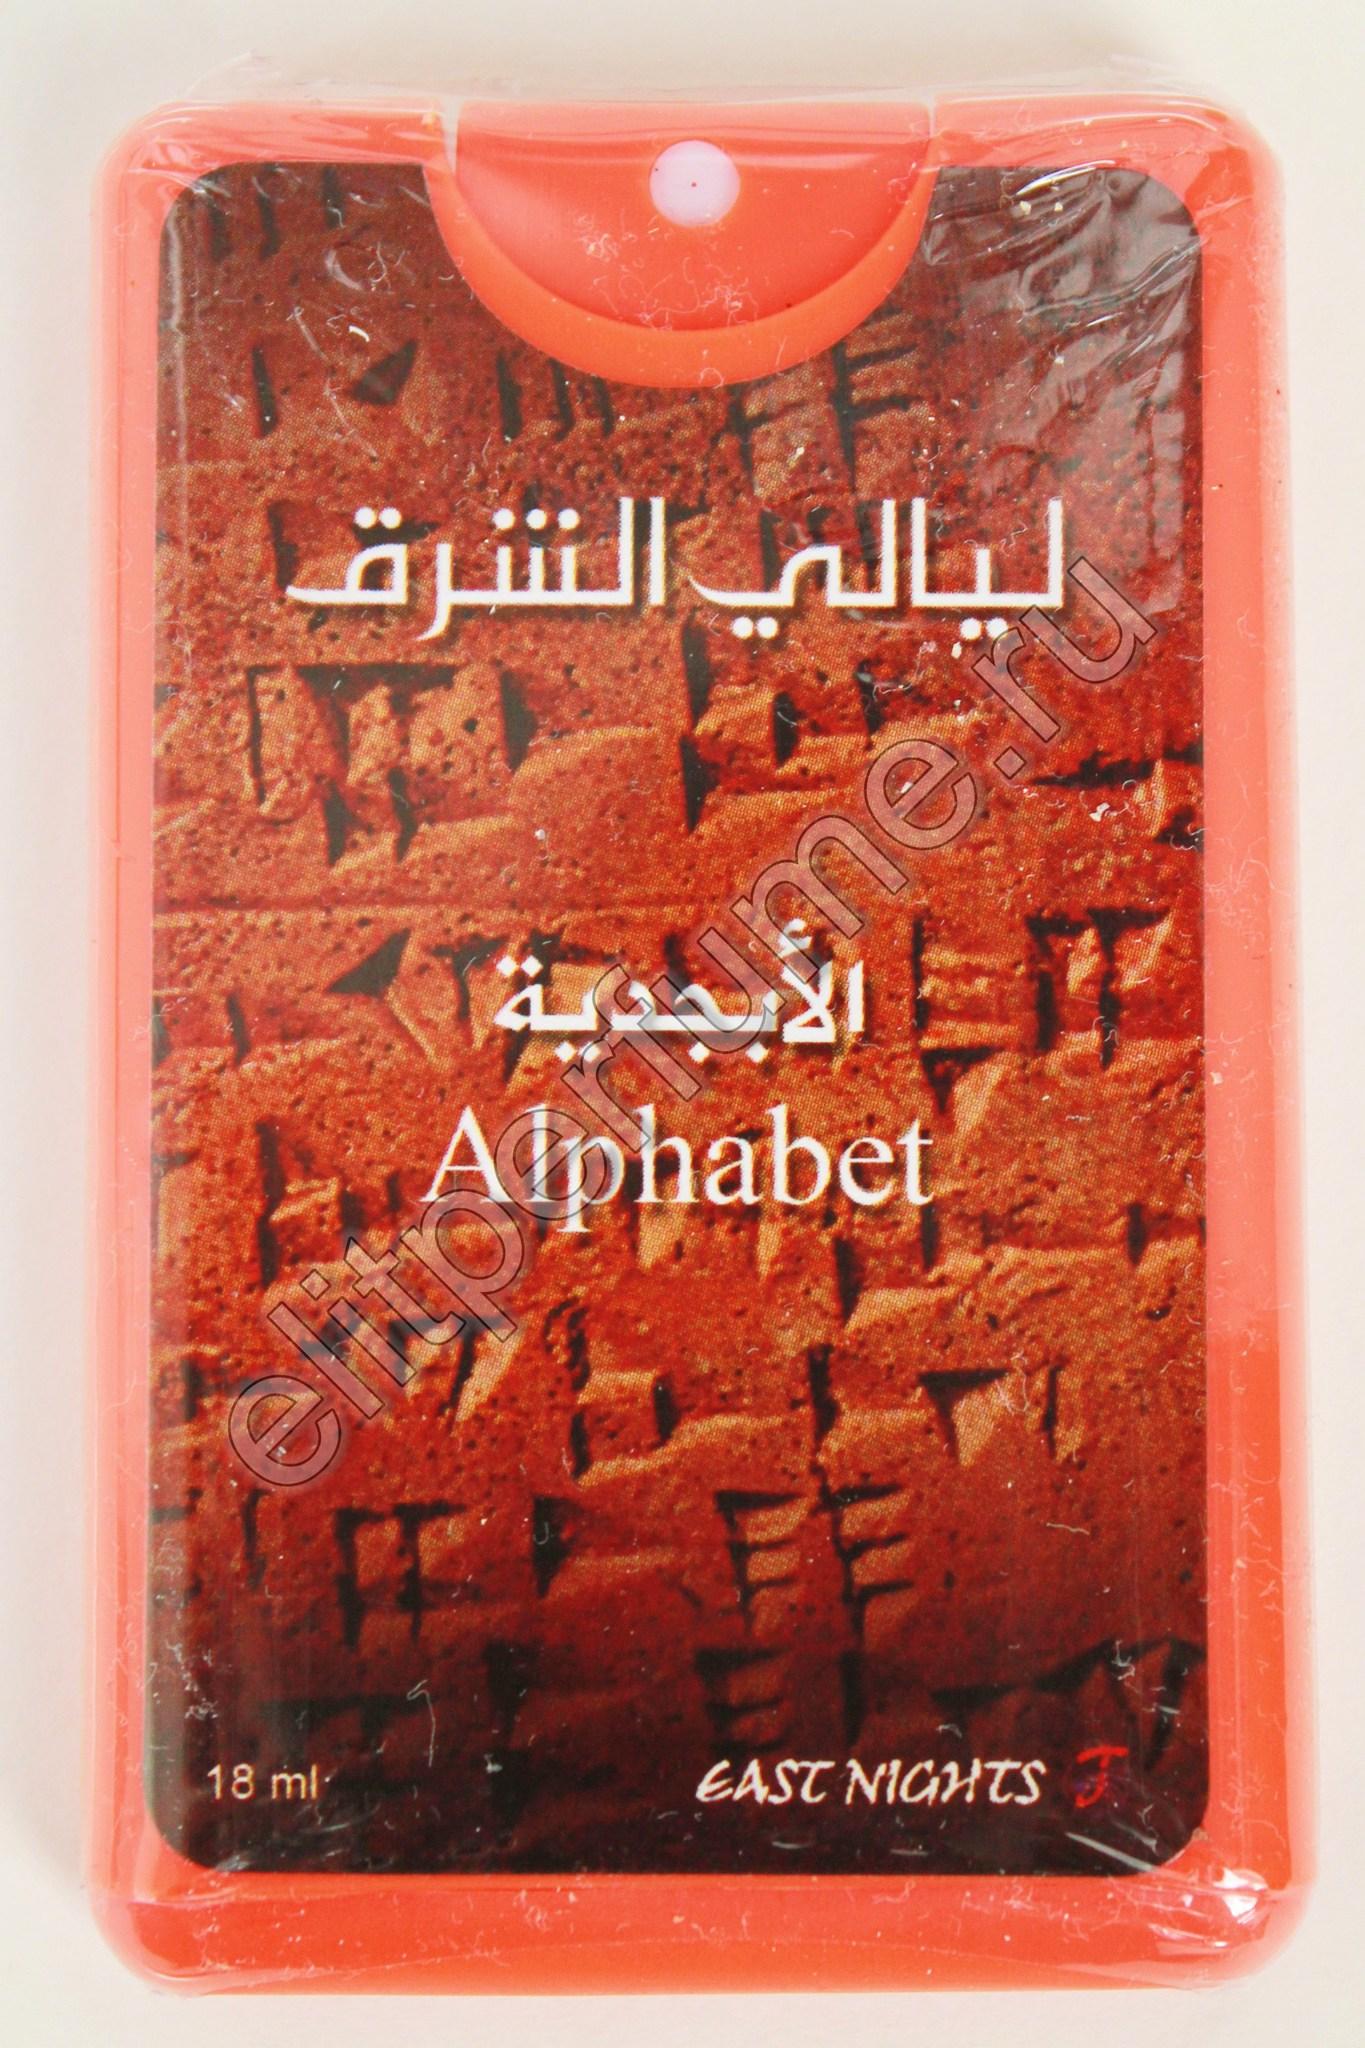 Alphabet натуральные масляные духи «Древний алфавит» 18 мл